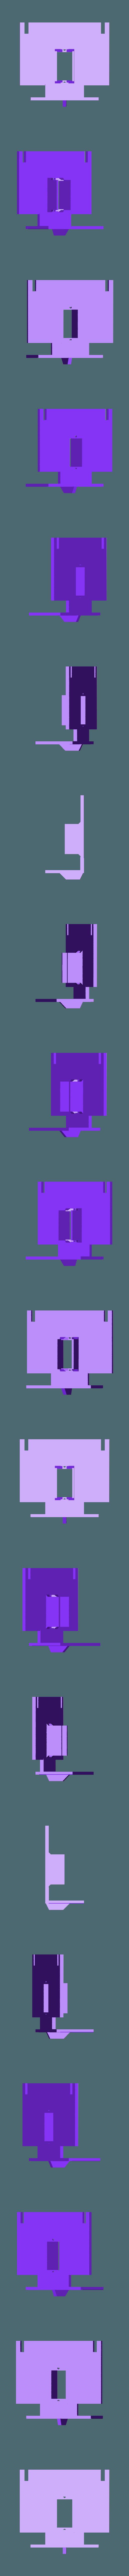 2_servo_robot (1).stl Télécharger fichier STL gratuit Comment faire un robot mante religieuse • Design imprimable en 3D, speedkornet